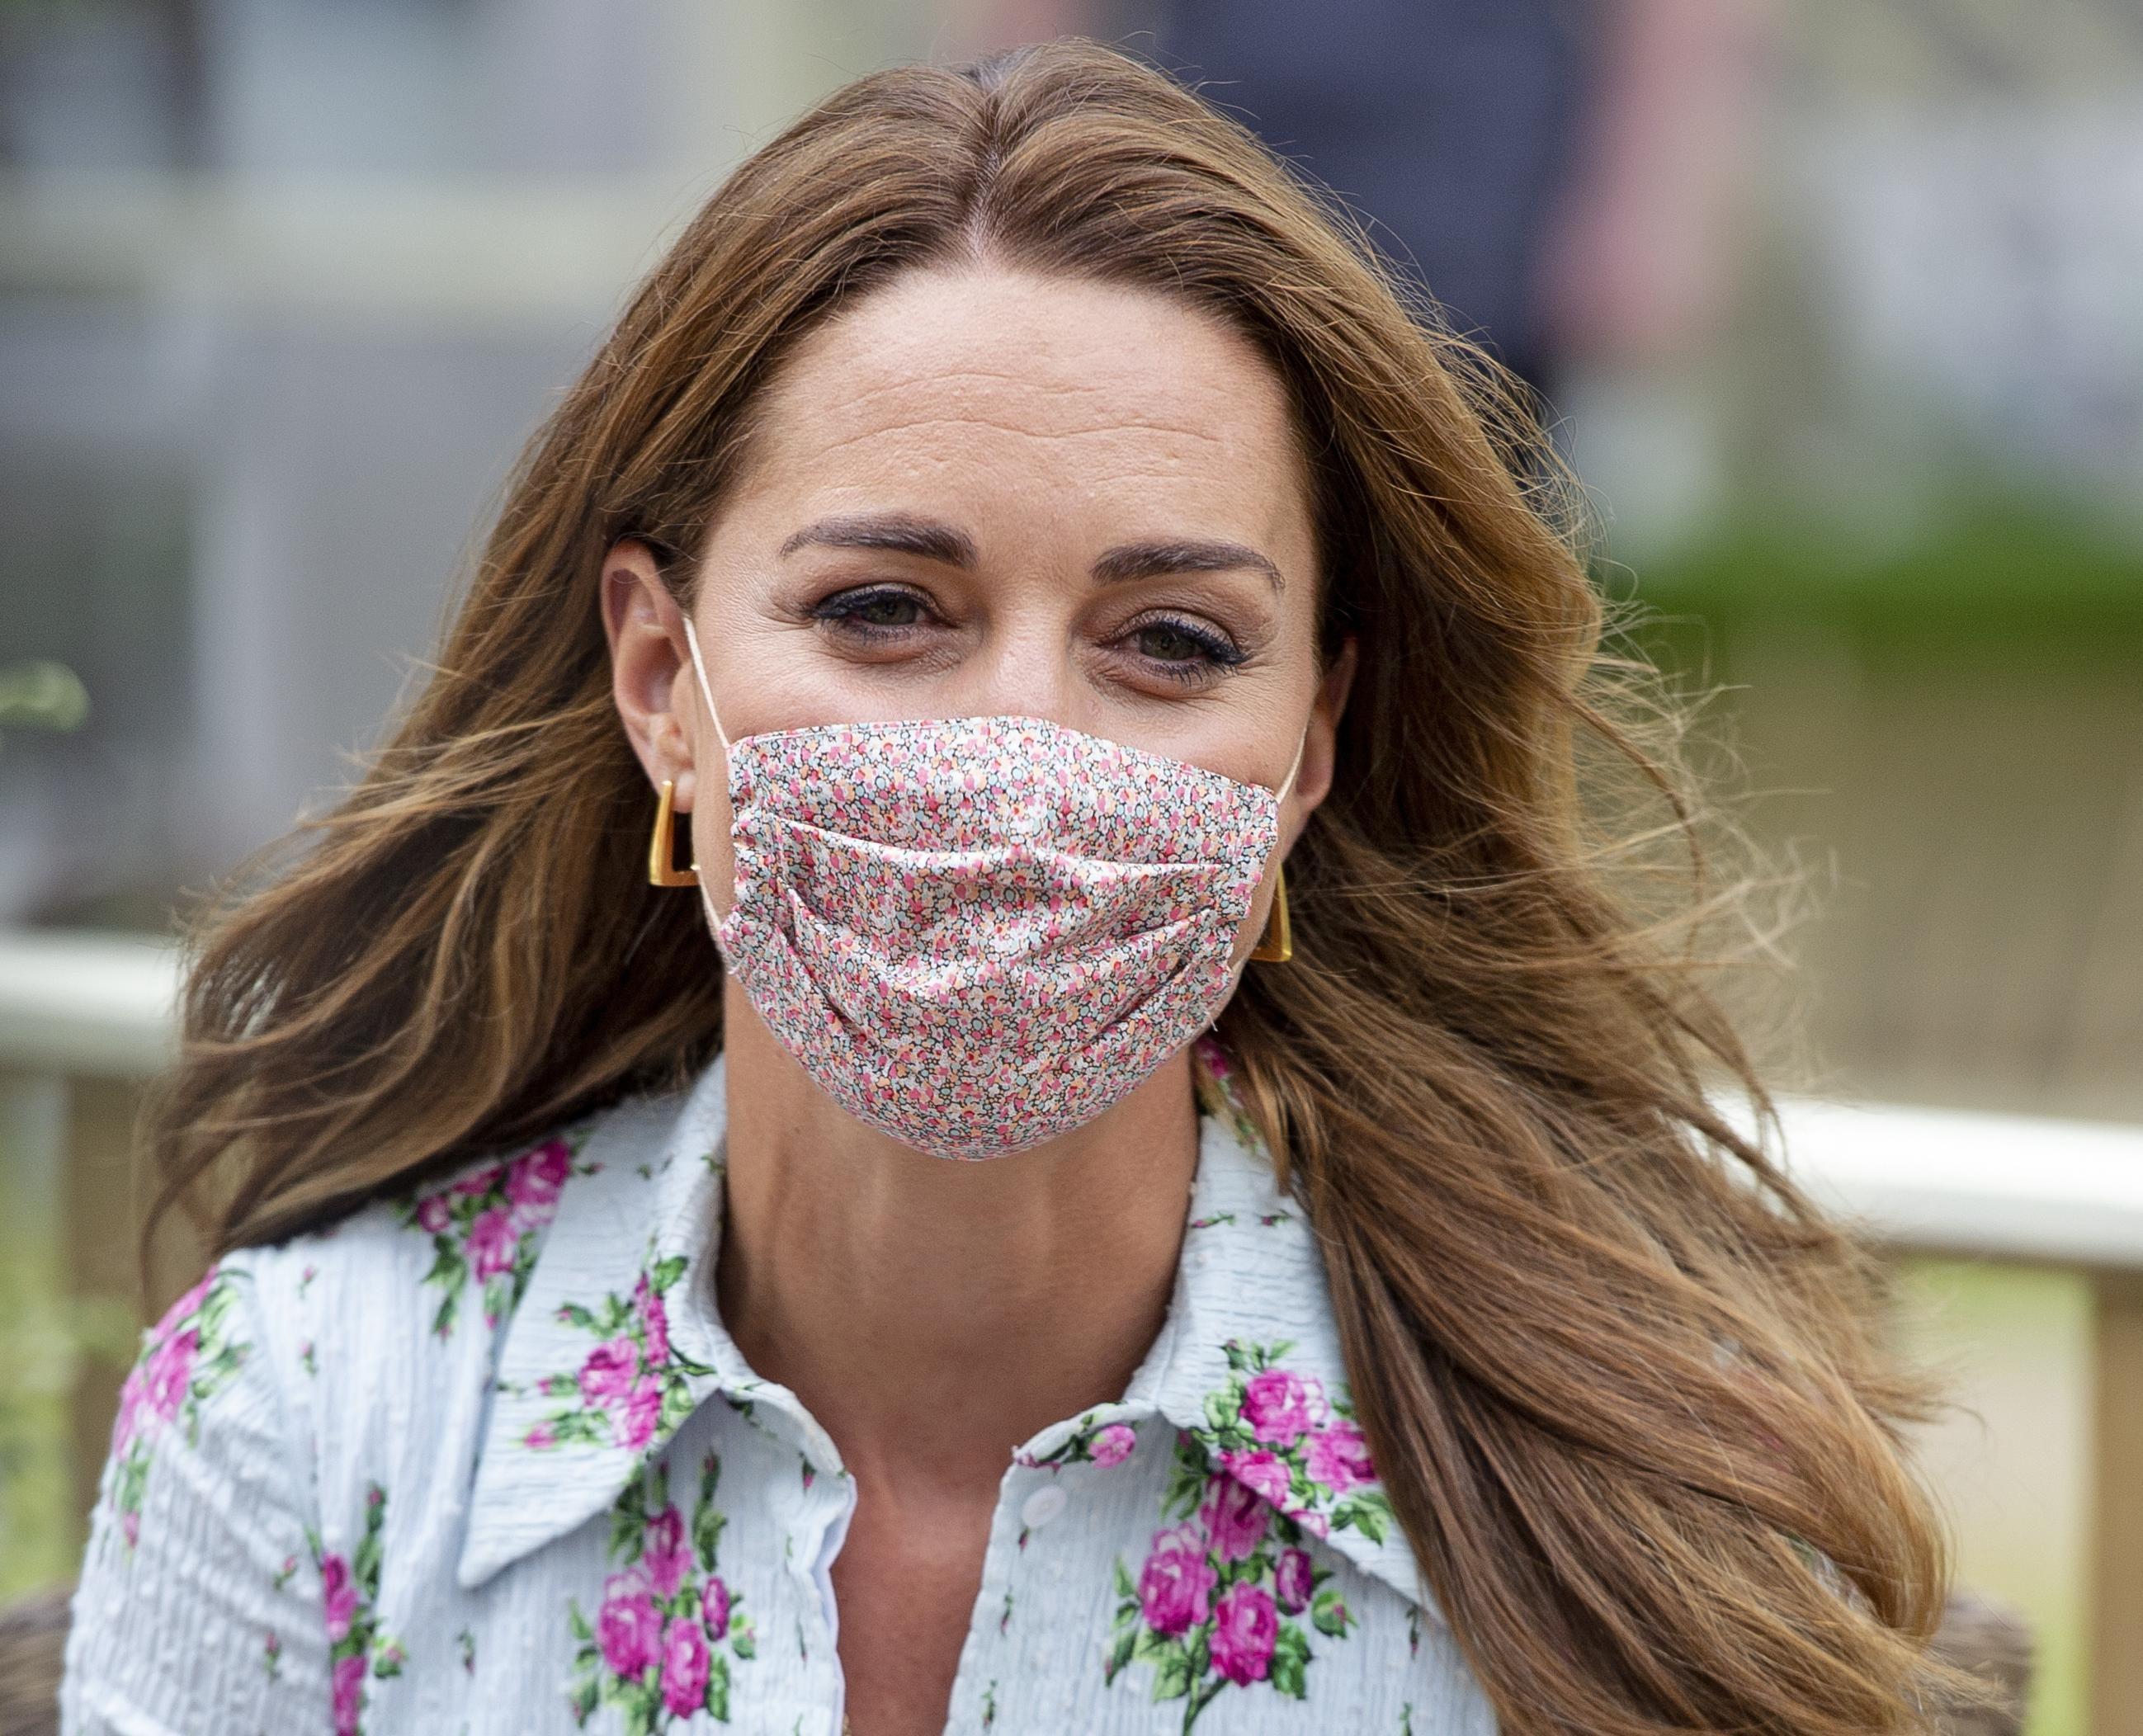 Kate Middleton nosi sandale koje trendseterice obožavaju, a kraljica nije njihov fan